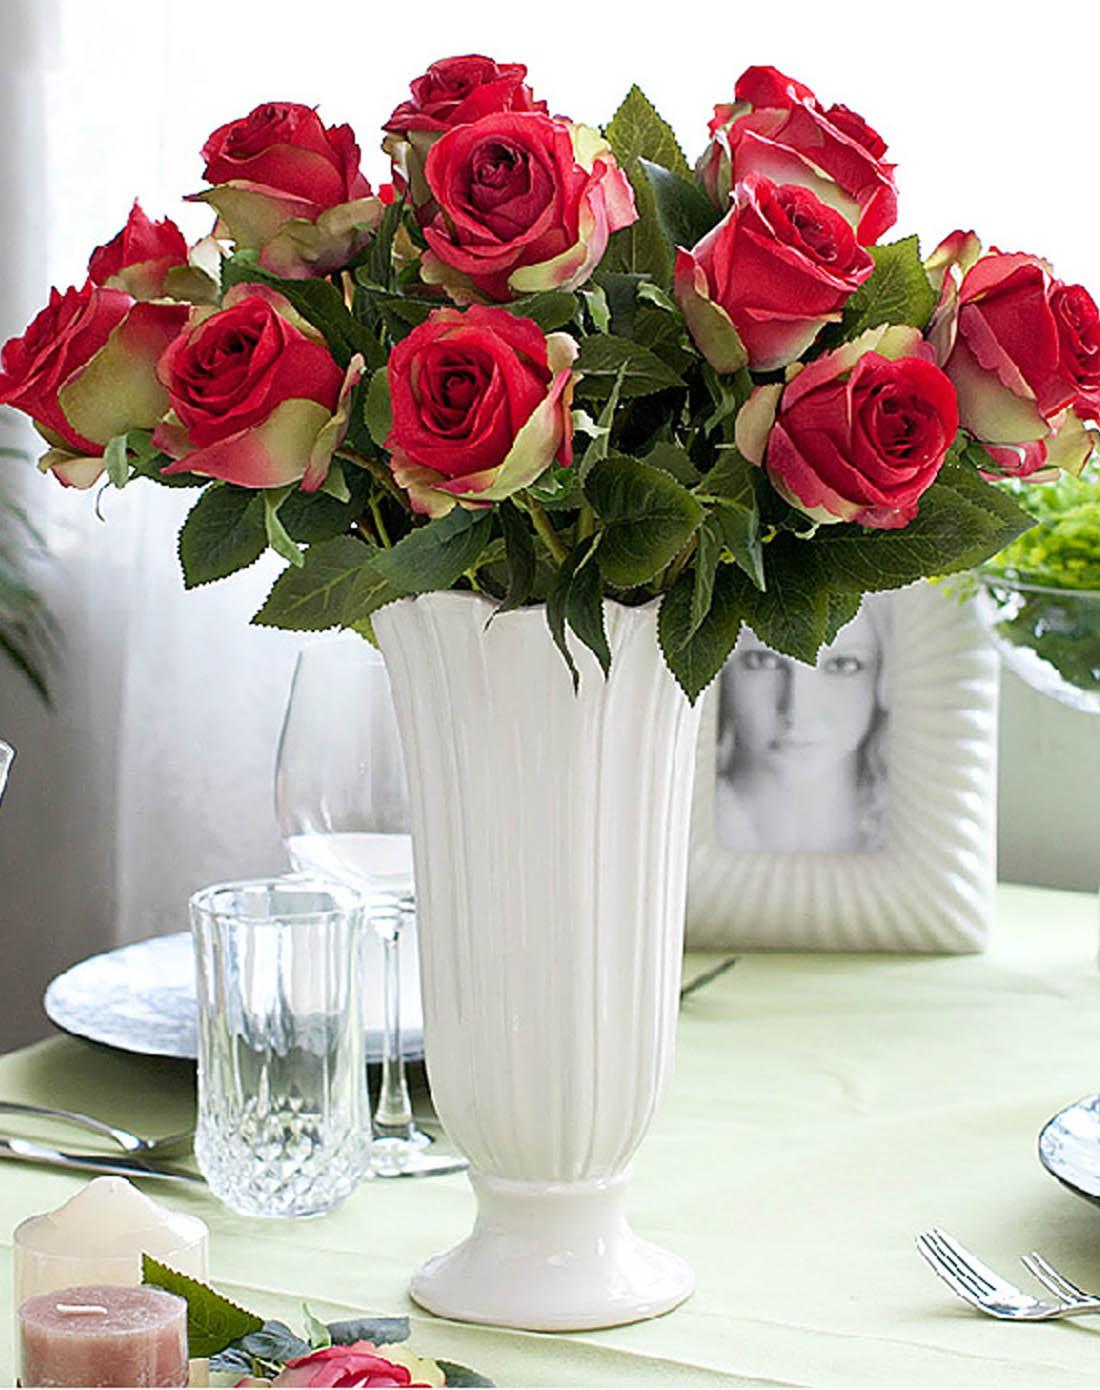 壁纸 花 花束 鲜花 桌面 1100_1390 竖版 竖屏 手机